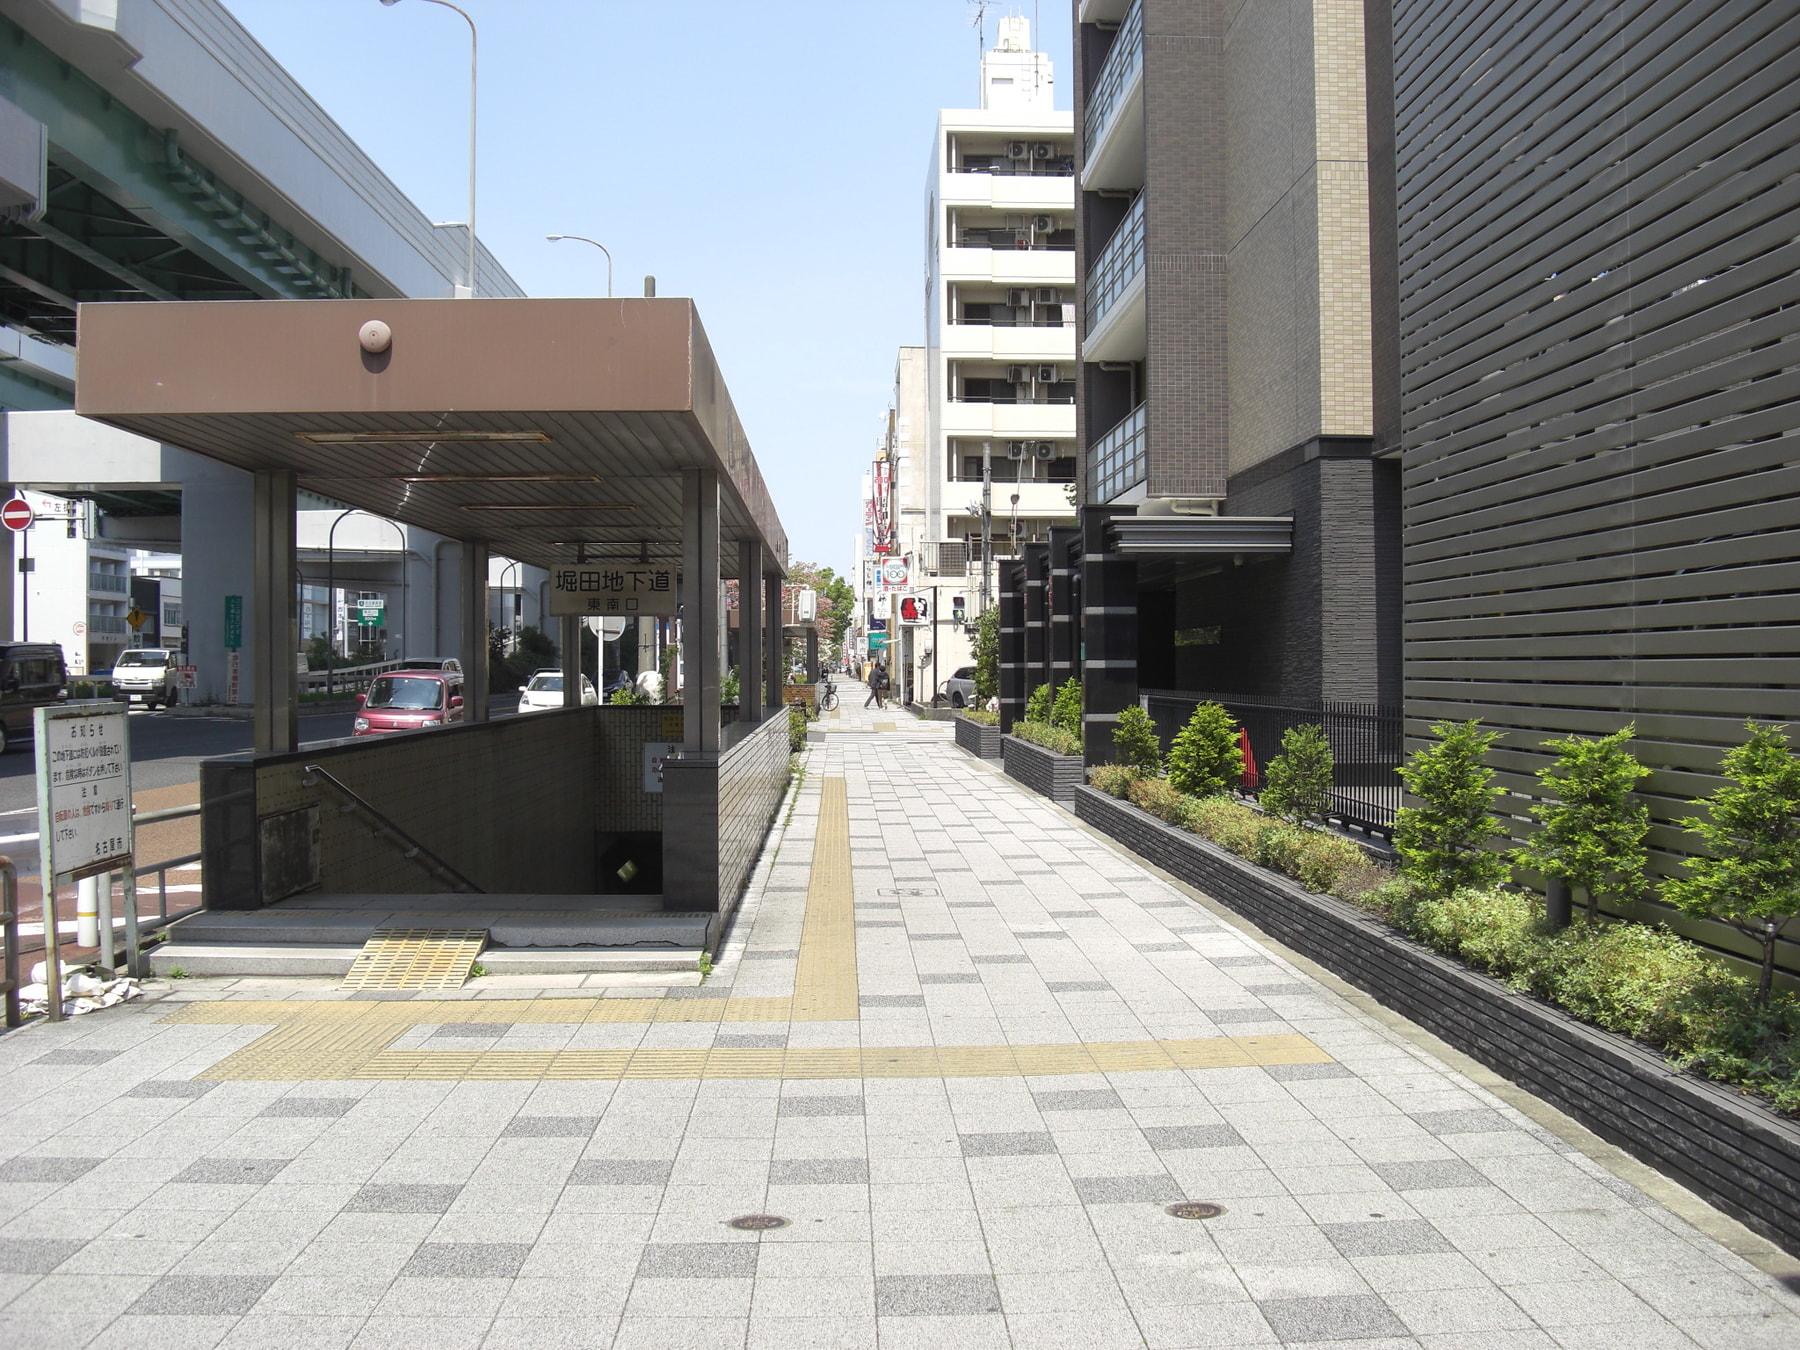 UFJ銀行を越えると地下道が見えます。地下道を越えると短い横断歩道がありますので渡ってください。